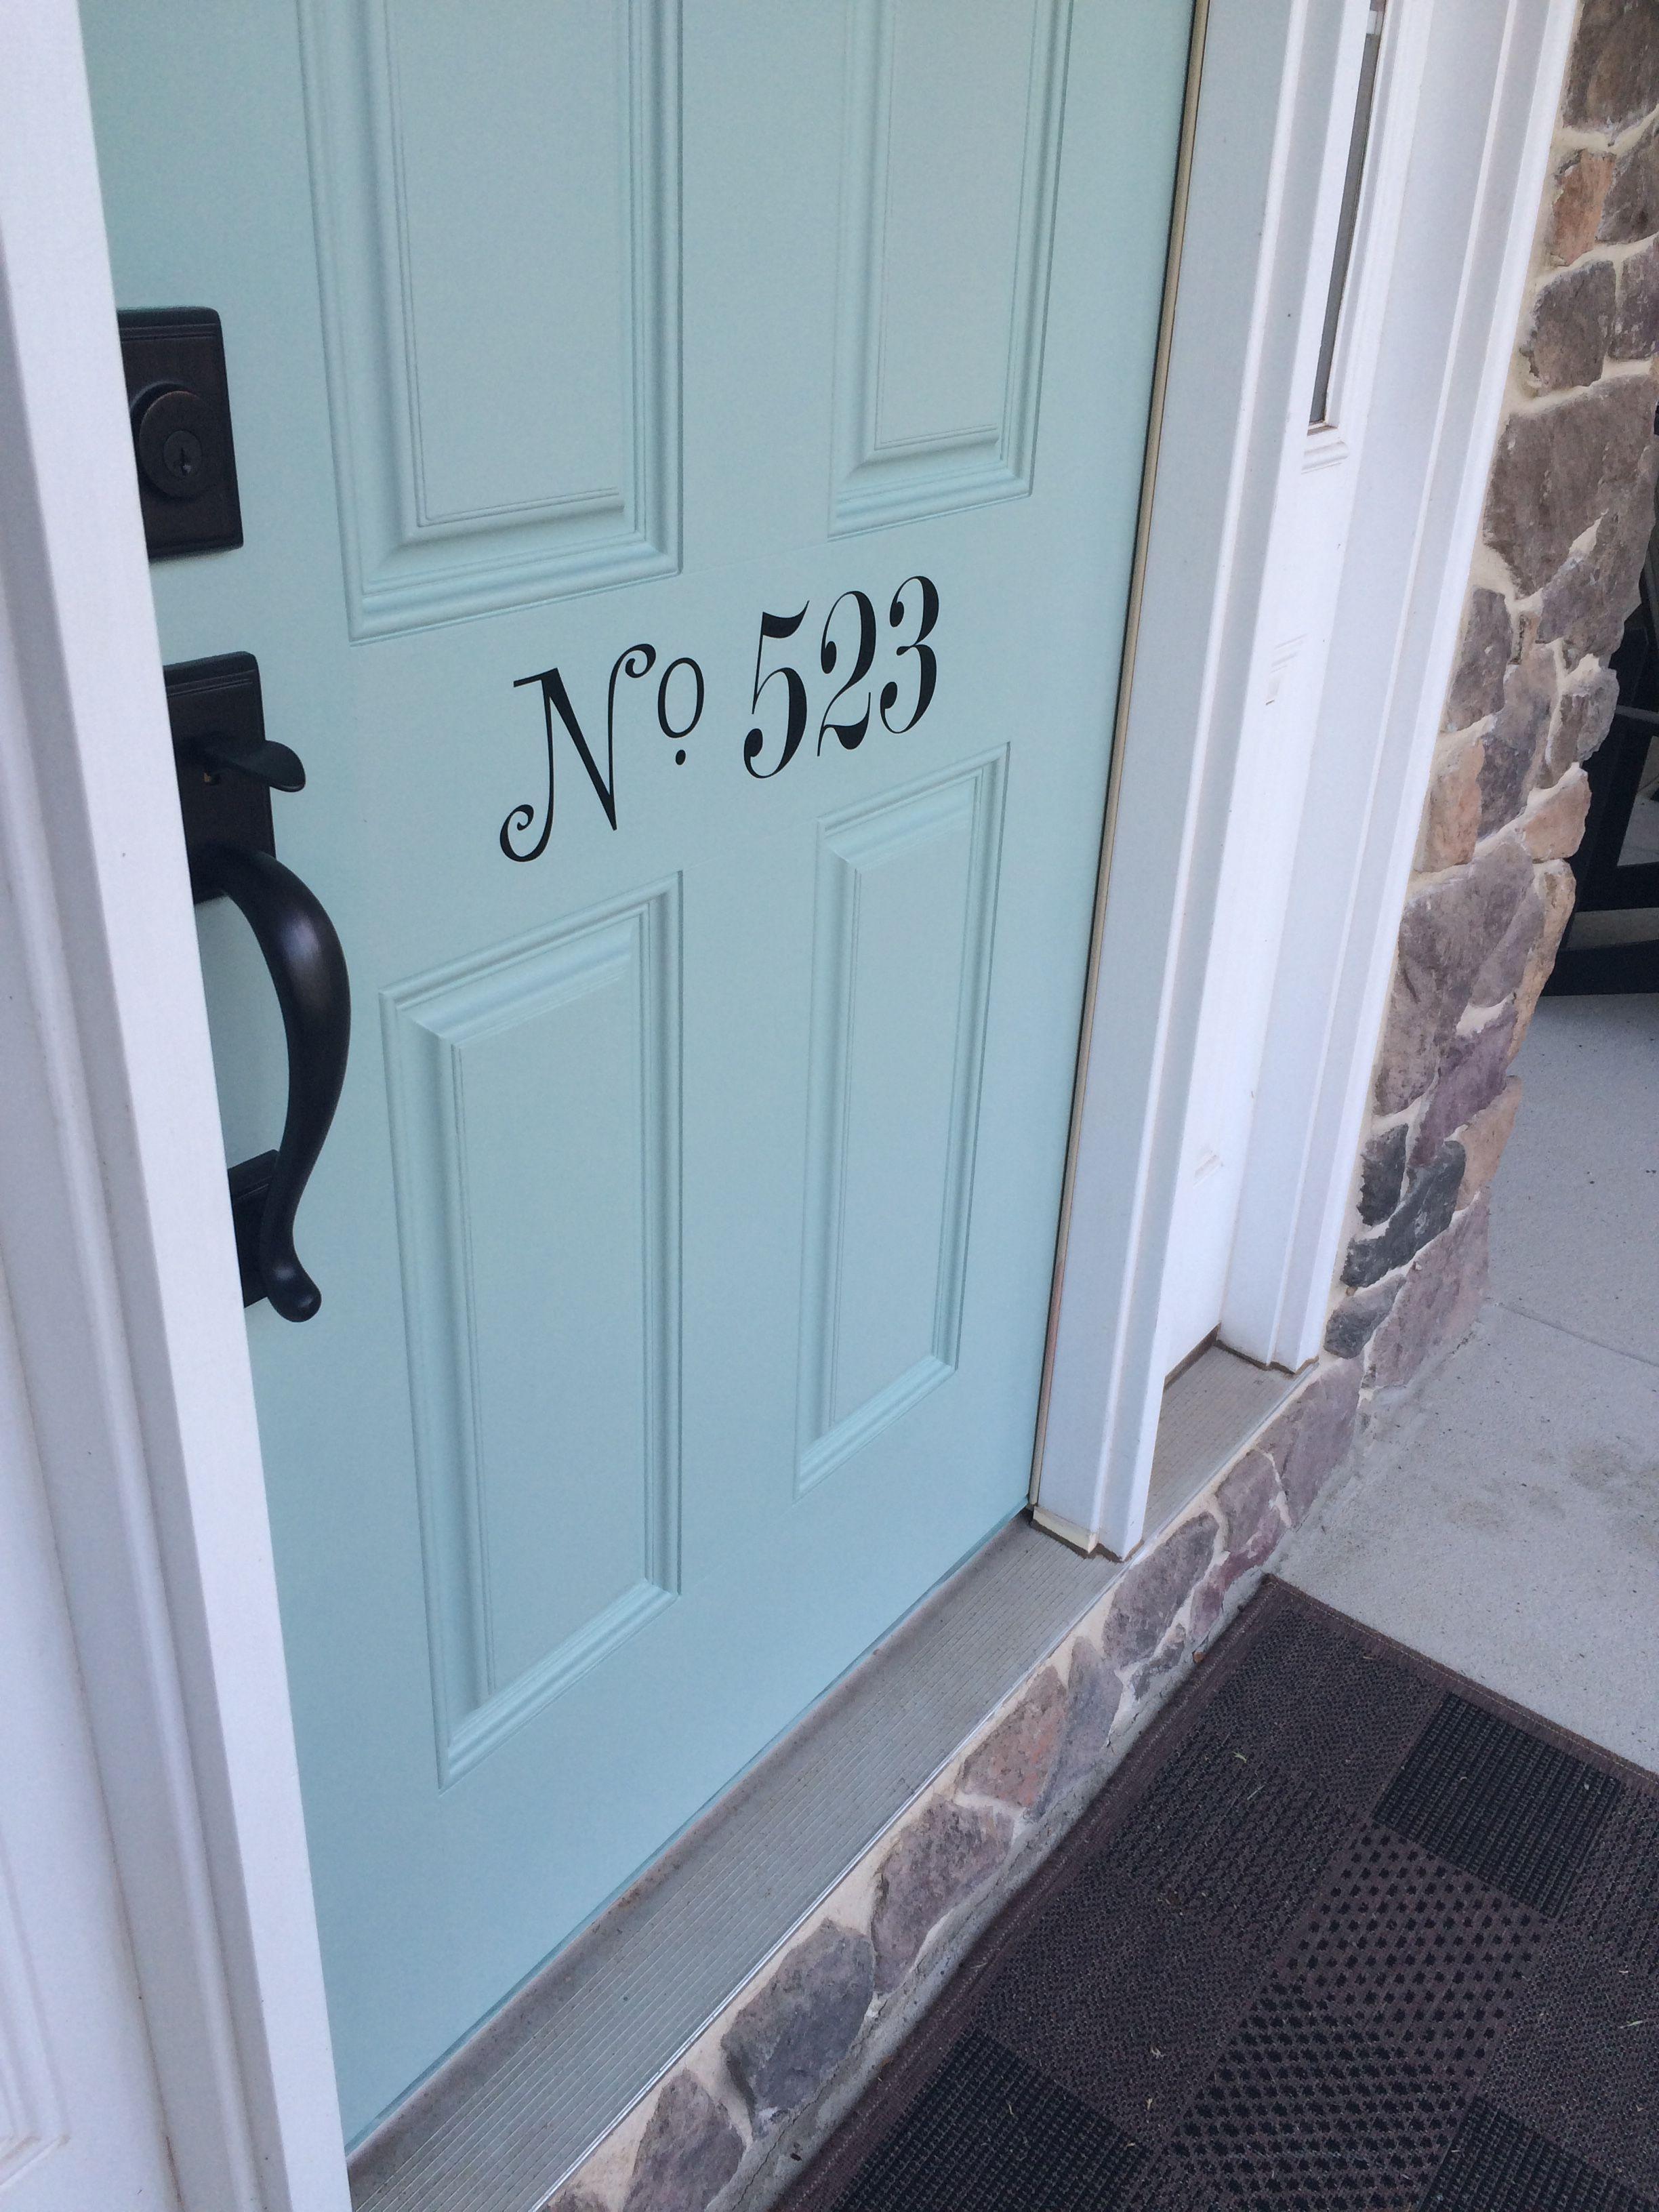 benjamin moore wythe blue house in 2019 door paint colors rh pinterest com front door paint colors for a greenhouse front door paint colors for a yellow house